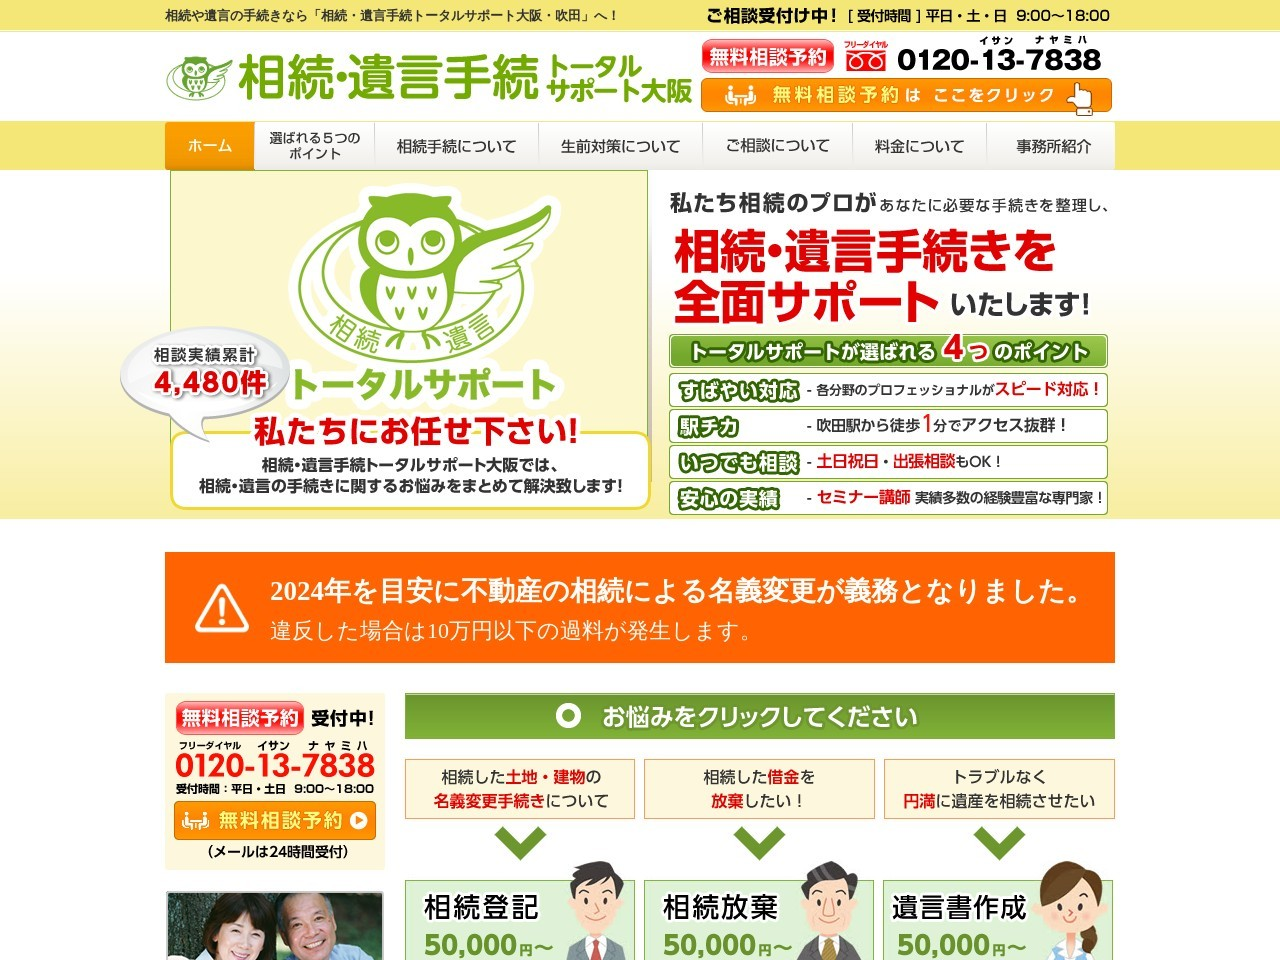 相続・遺言手続トータルサポート大阪